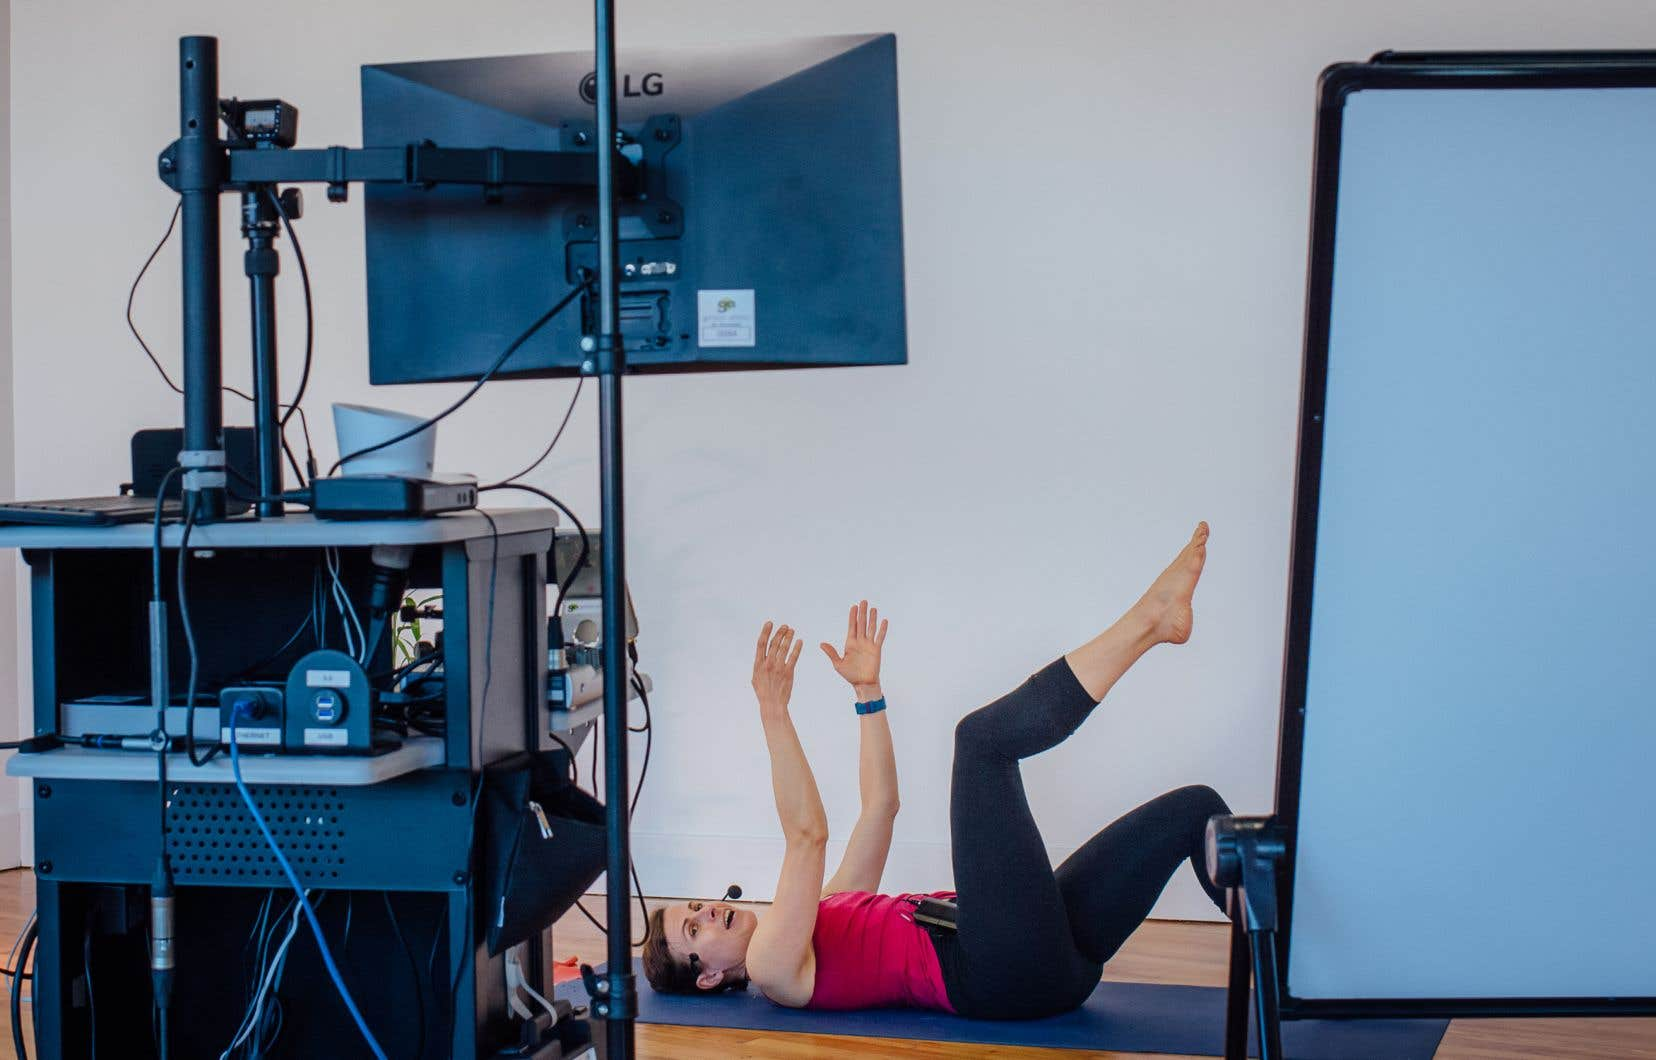 Le statut du Studio Bizz lui a permis de transformer la pandémie en opportunité d'affaires. Ici, le cours de Pilates avec Olena Harasymowycz.